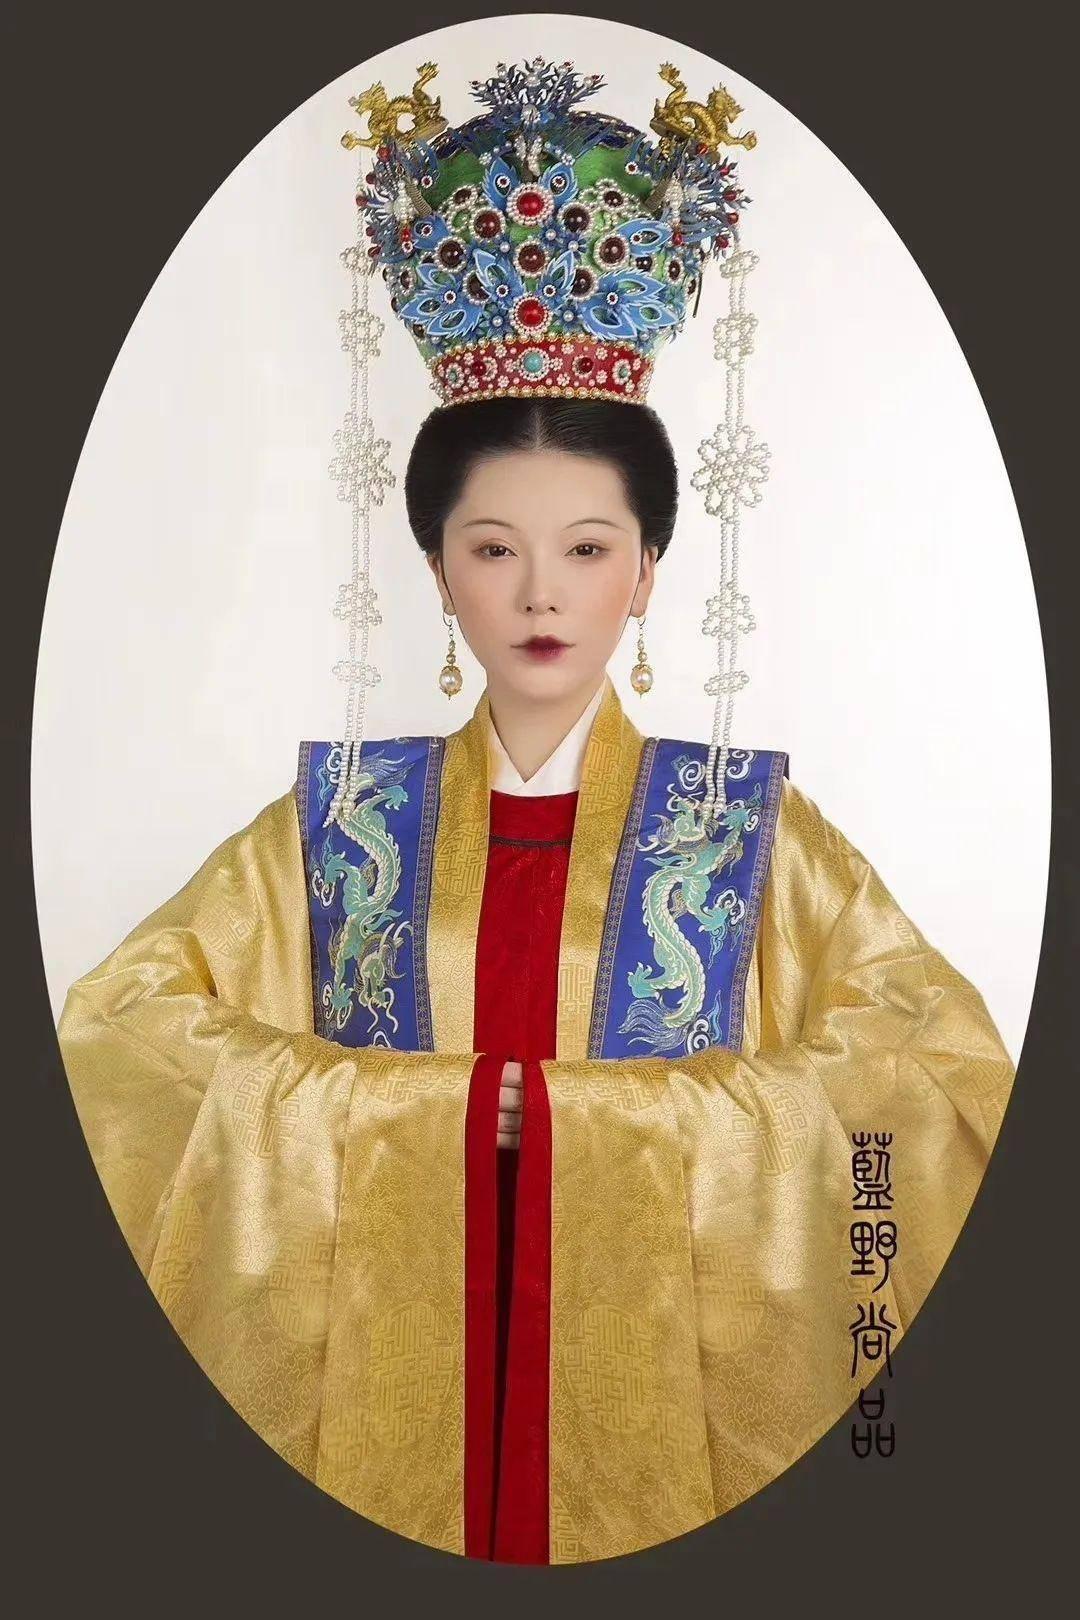 古代皇后凤袍图片